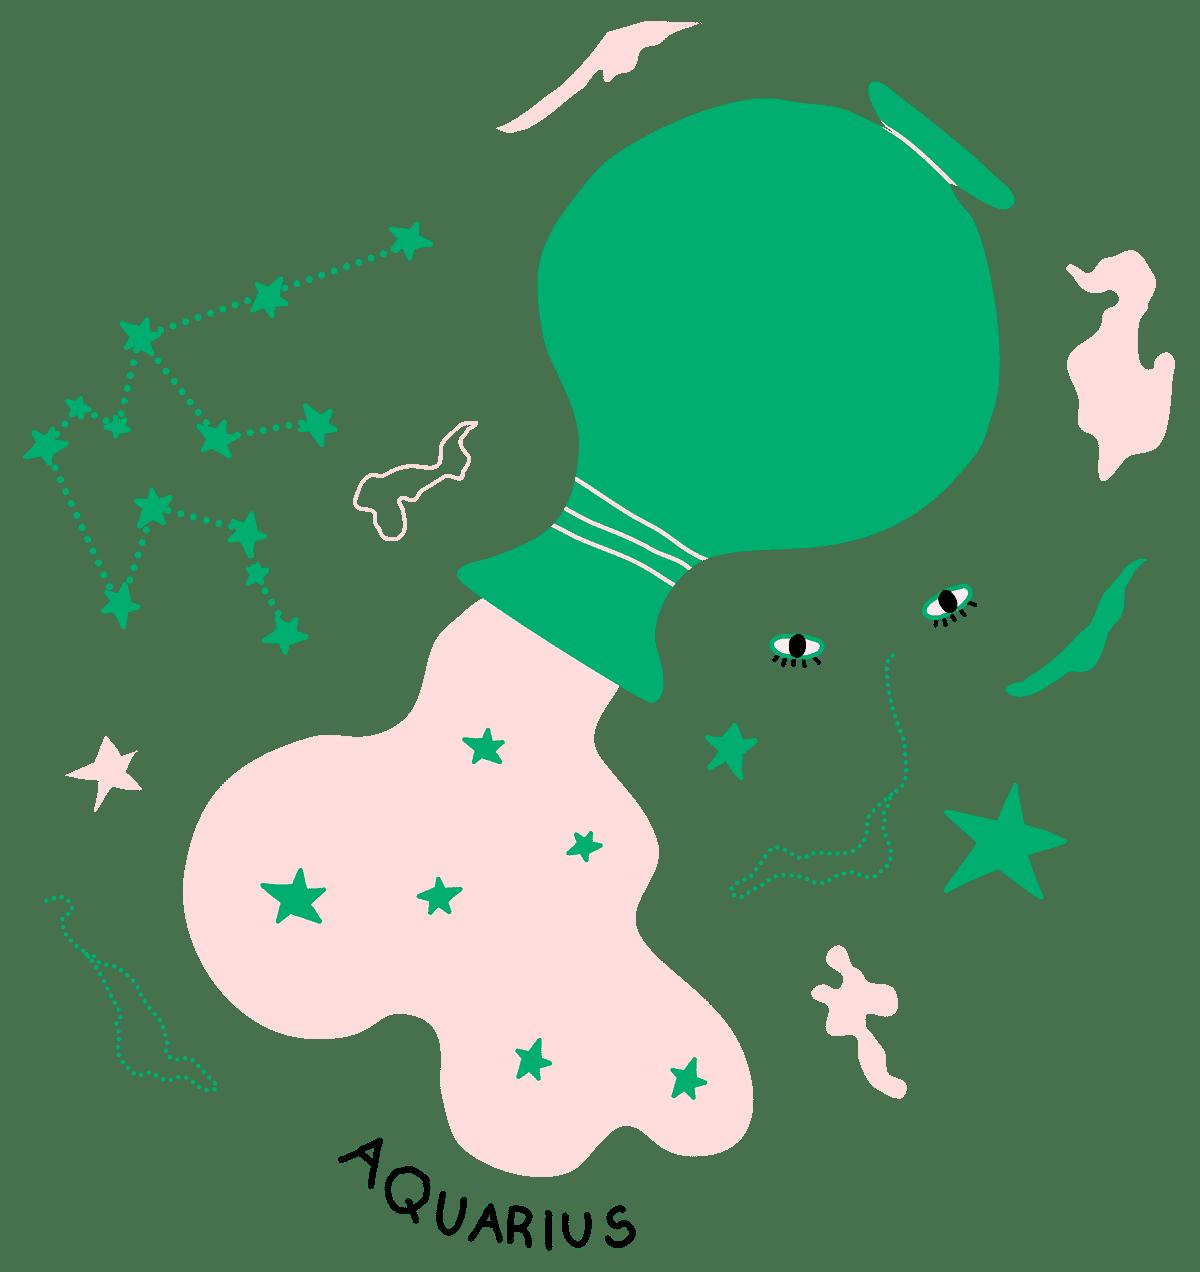 Signed Advice: Aquarius by Meech Boakye